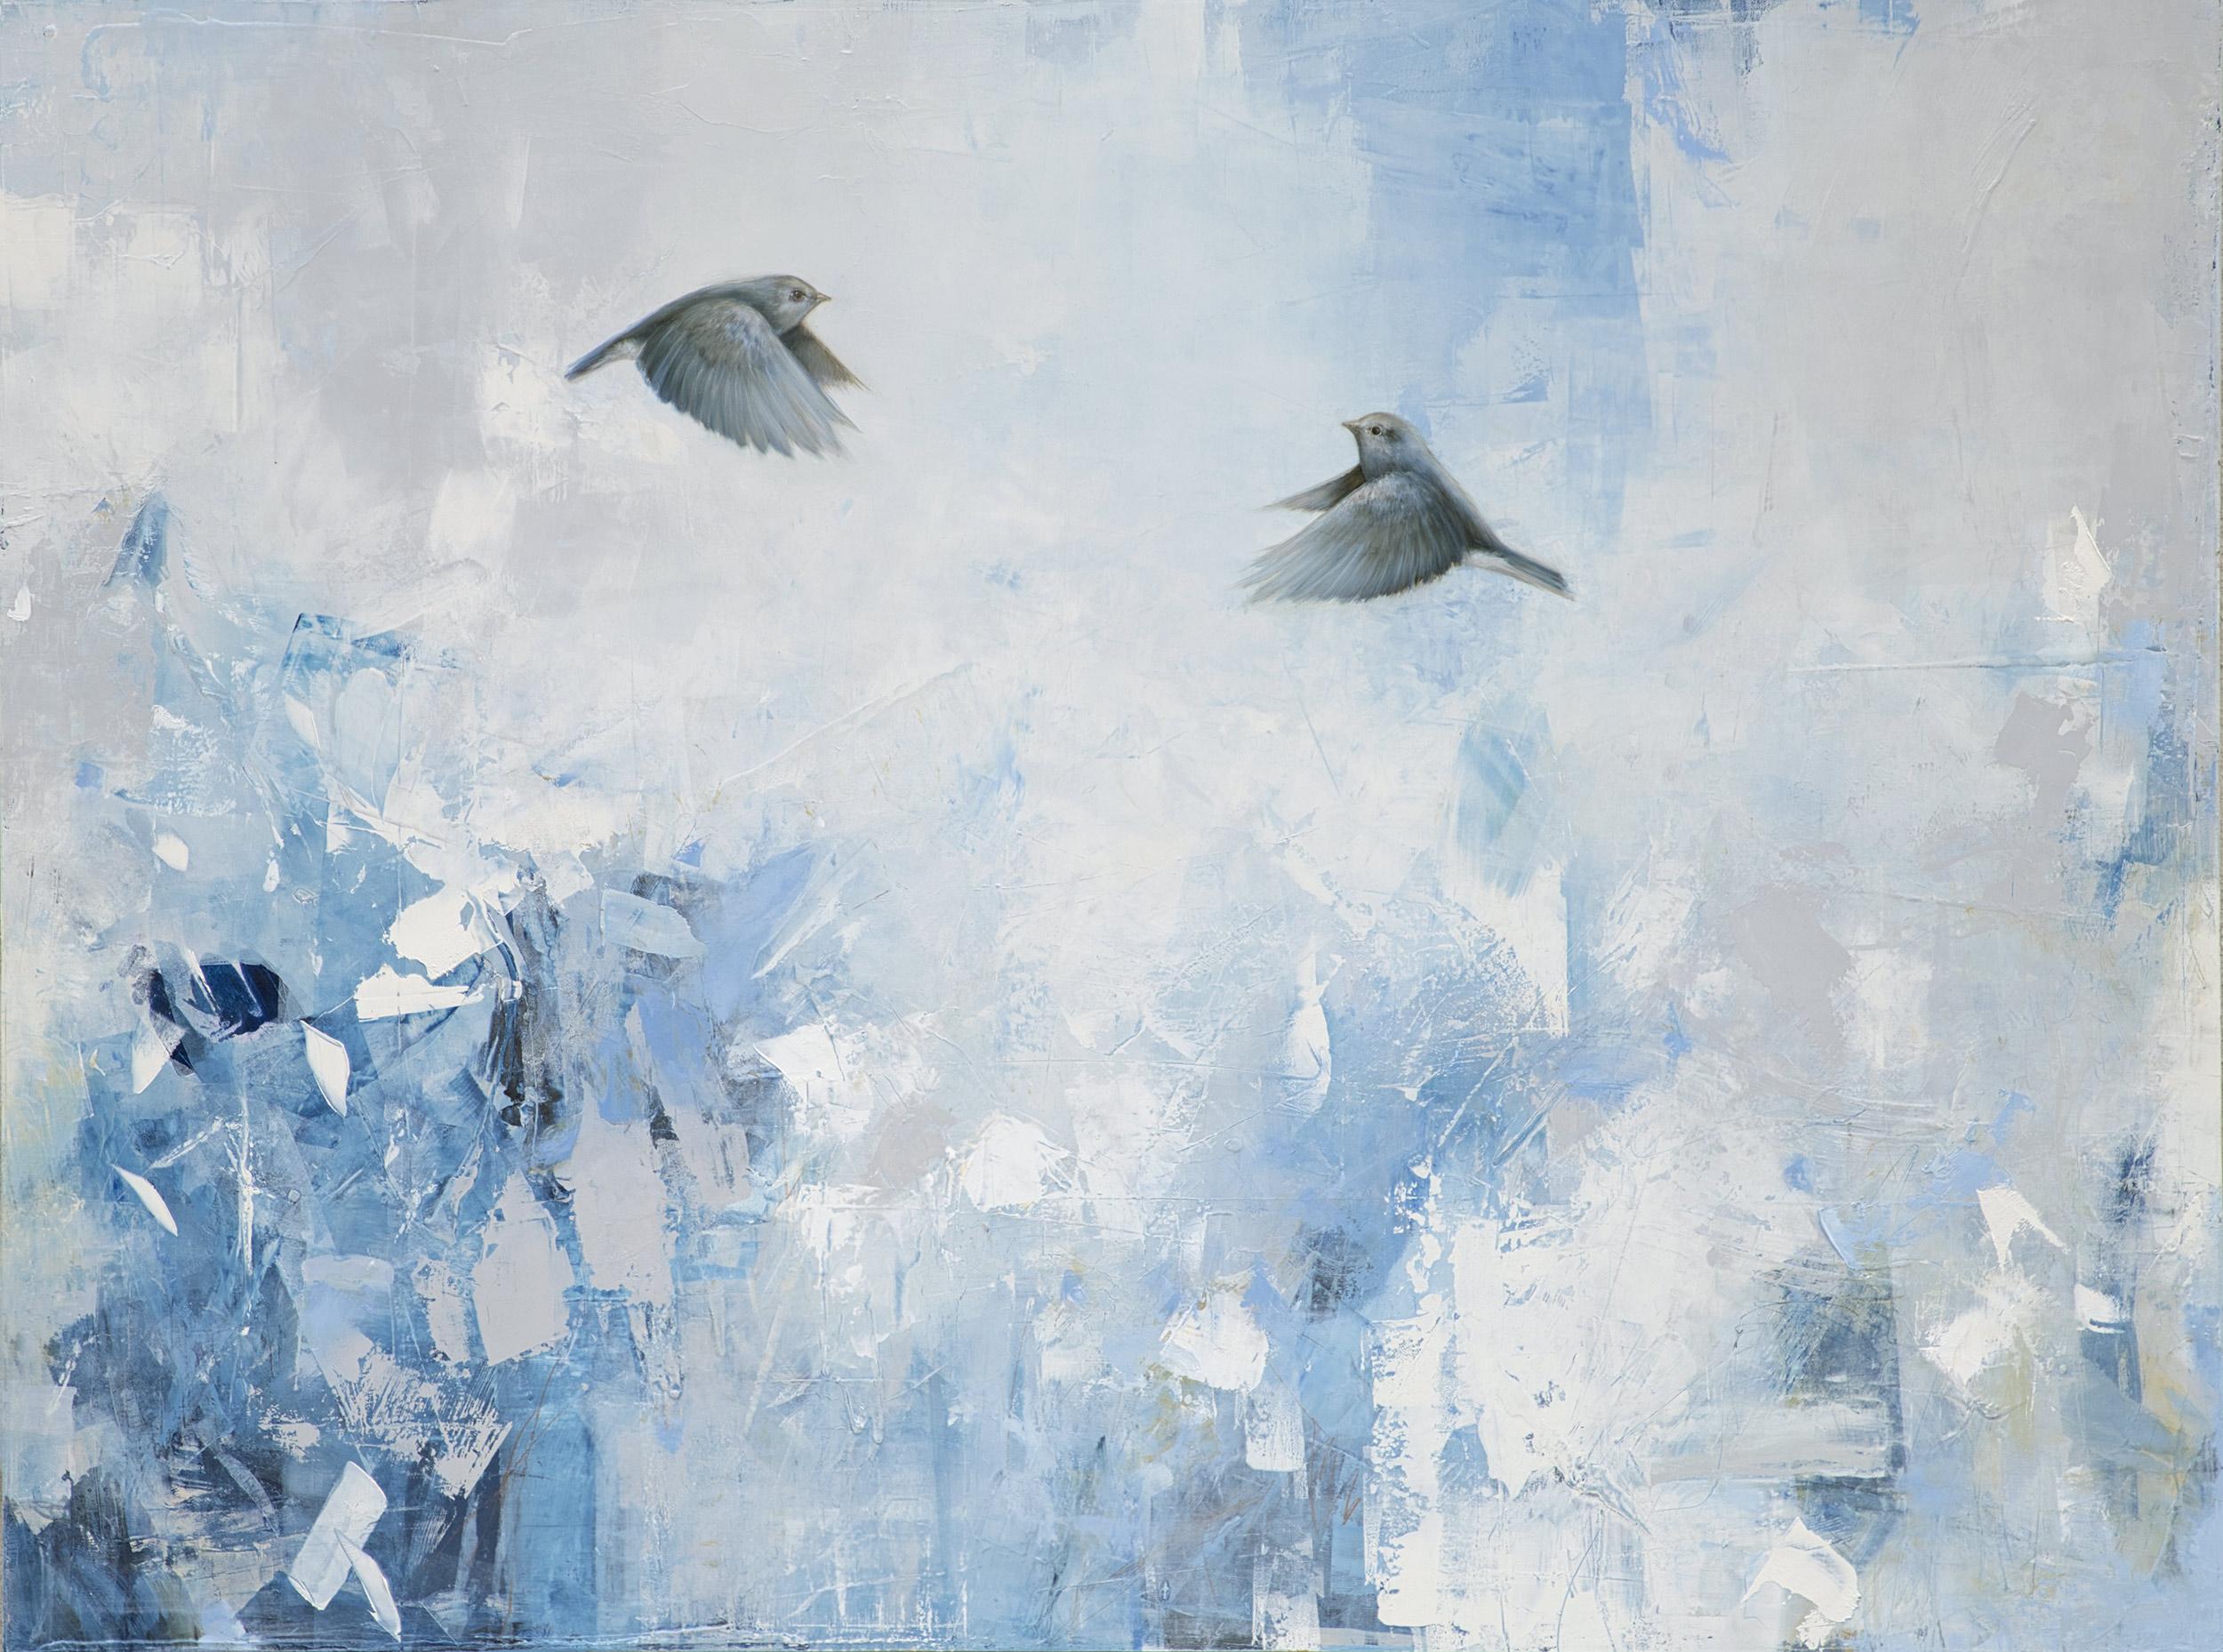 Over A Garden of White + Blue